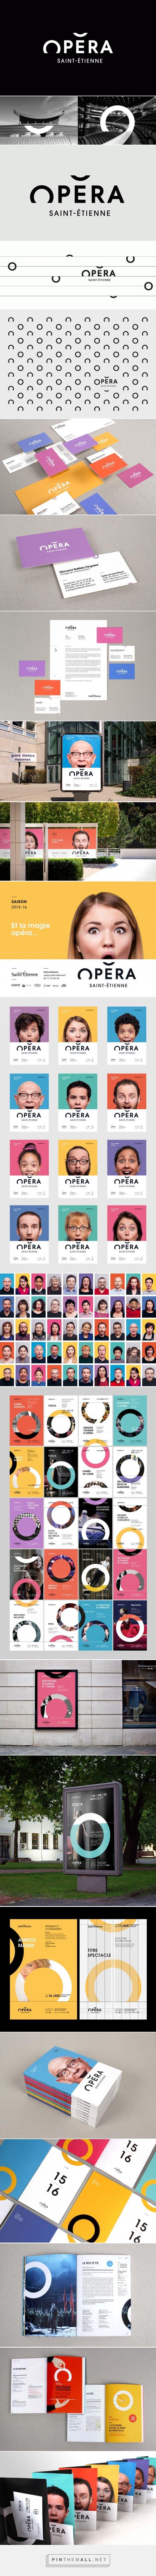 Identité visuelle Opéra de Saint-Étienne - Graphéine - Agence de communication Paris LyonGraphéine – Agence de communication Paris Lyon - created via http://pinthemall.net